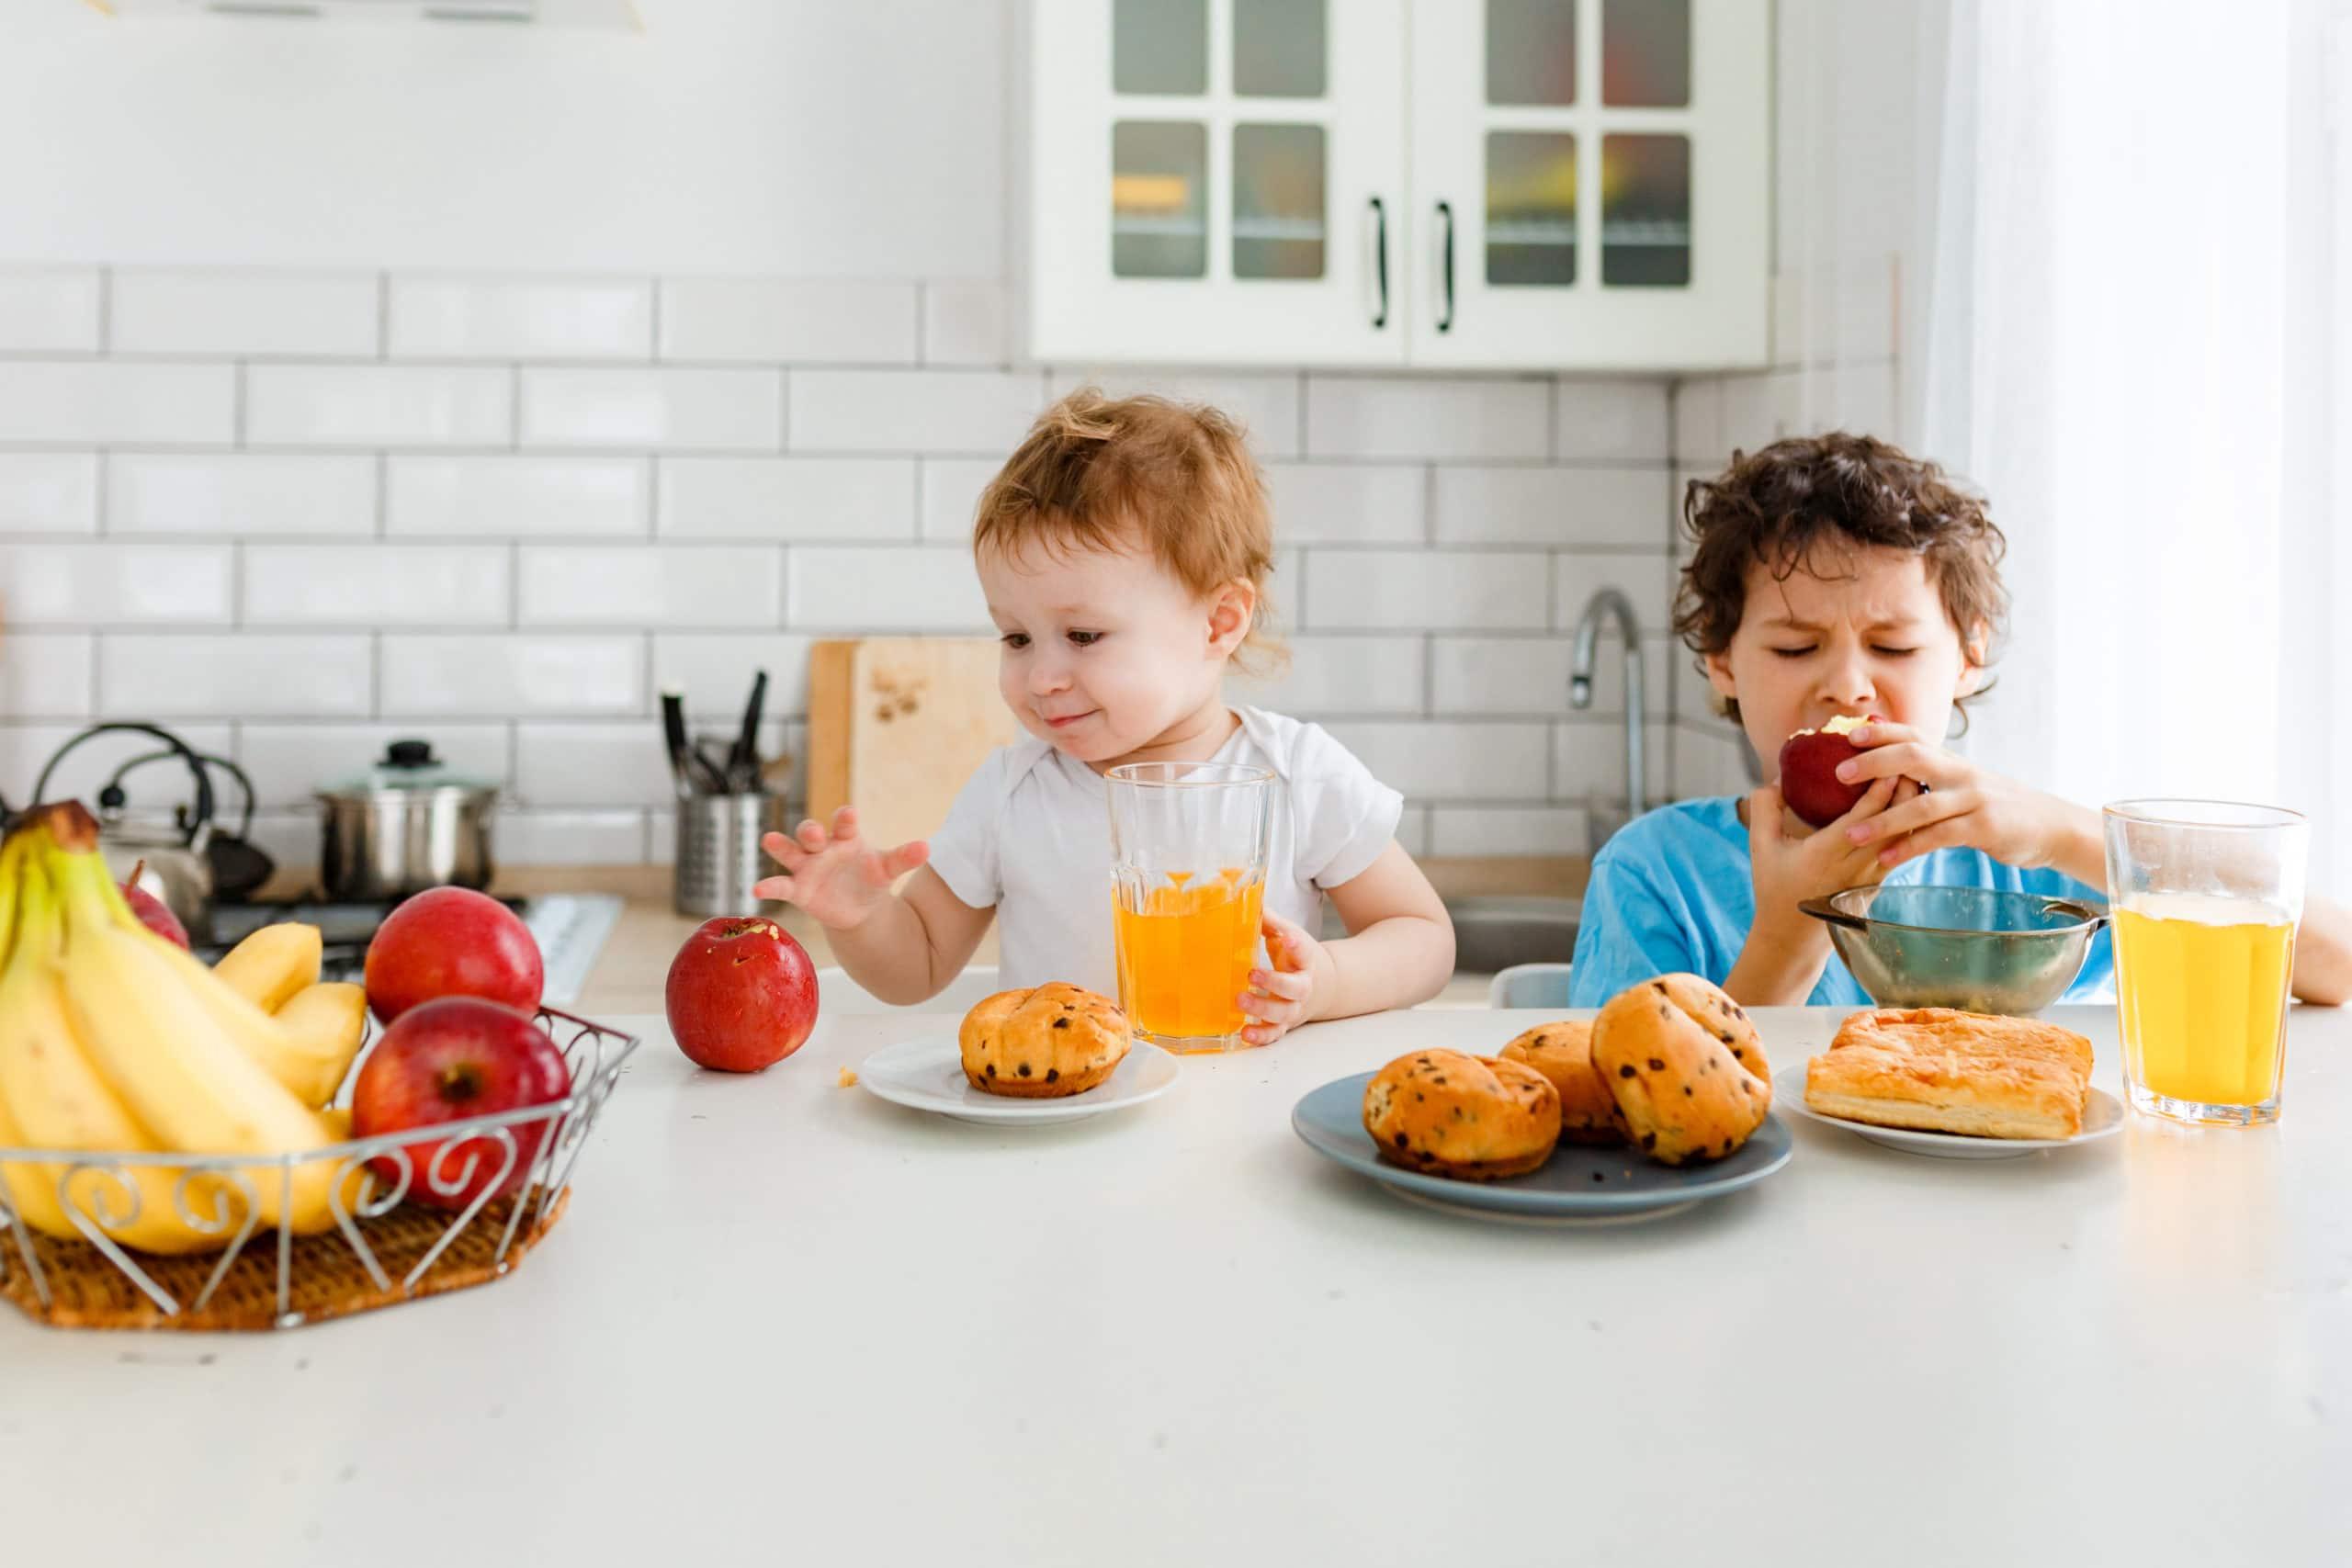 L'évaluation nutritionnelle de l'enfant présentant une déficience neurologique